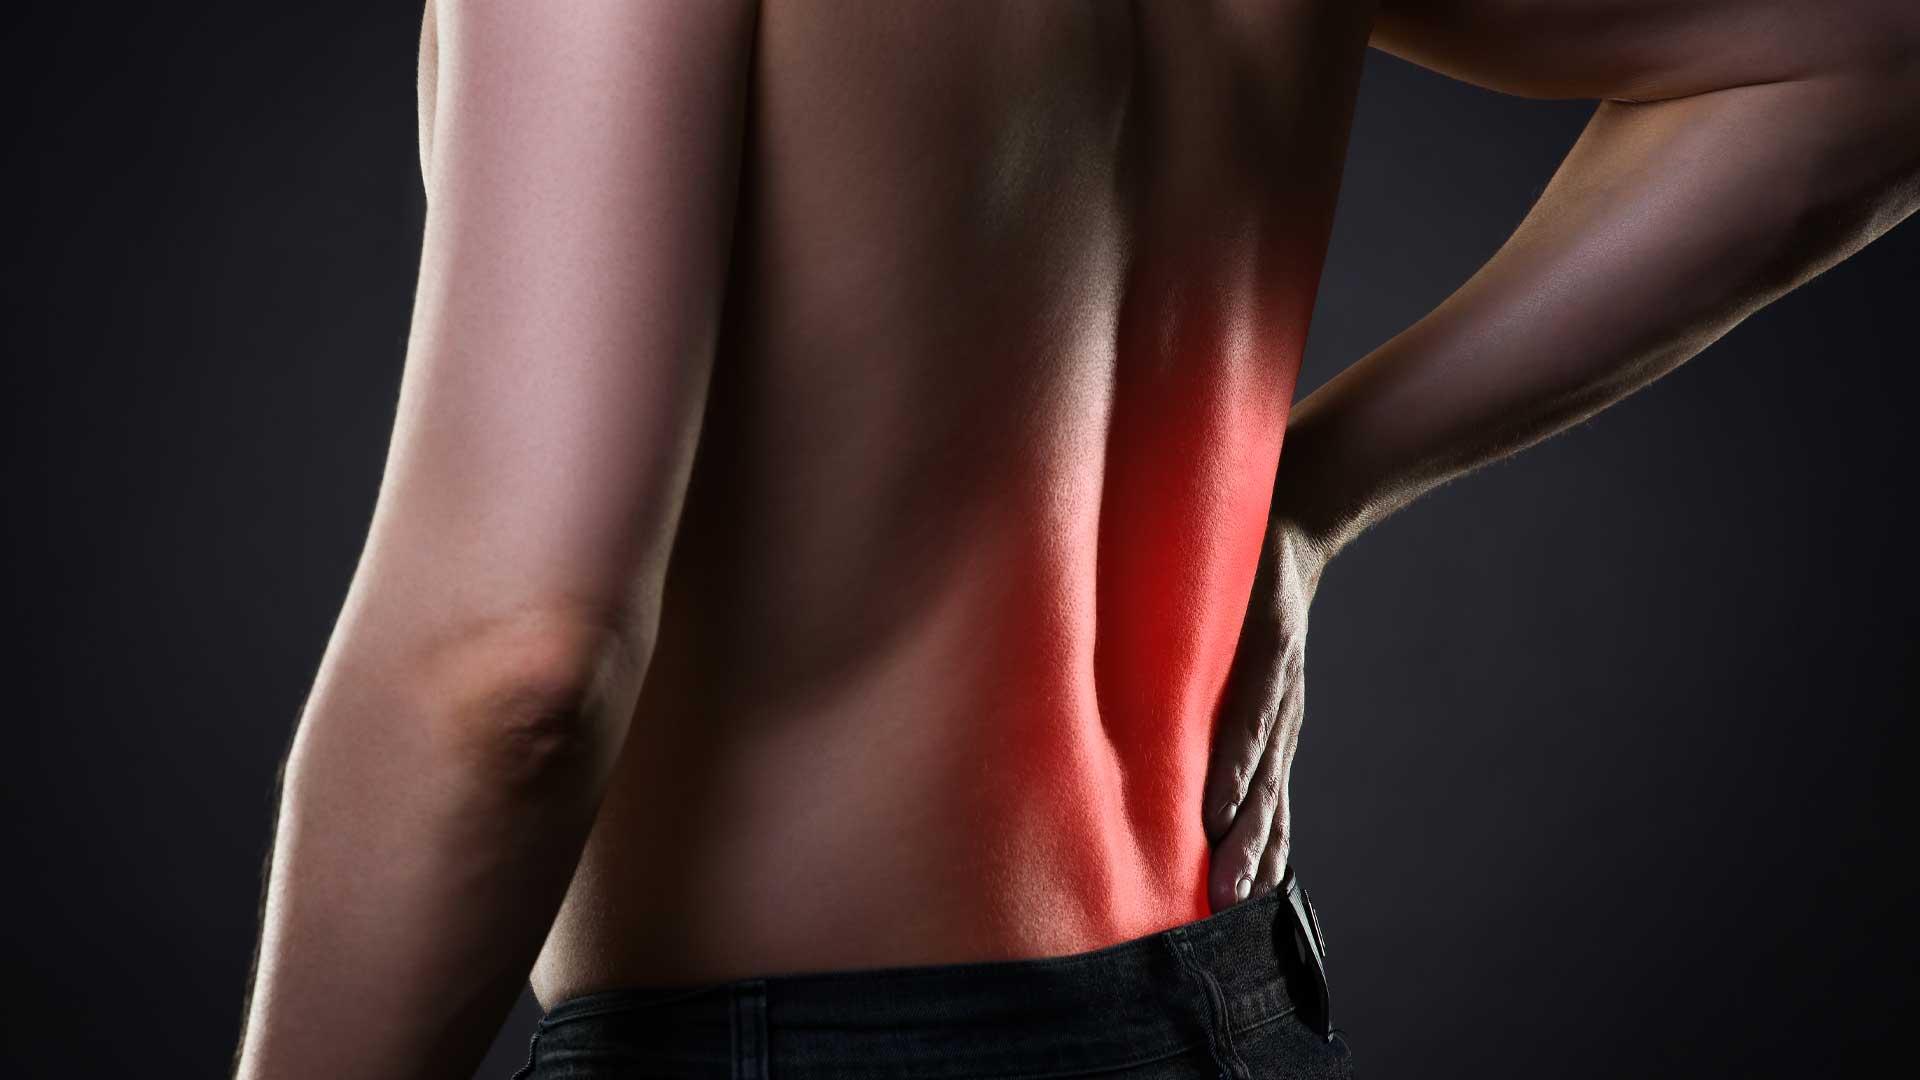 cuales son los dolores musculares